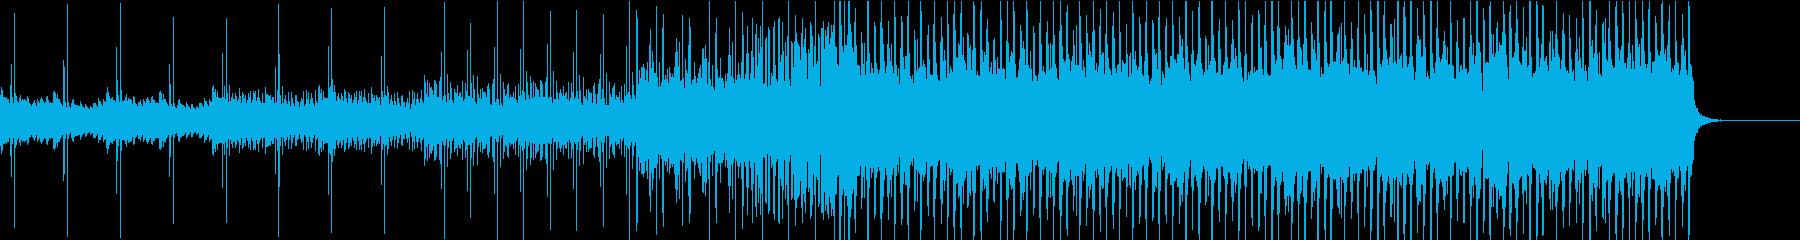 心が沸き立つ爽やかなインストルメンタルの再生済みの波形